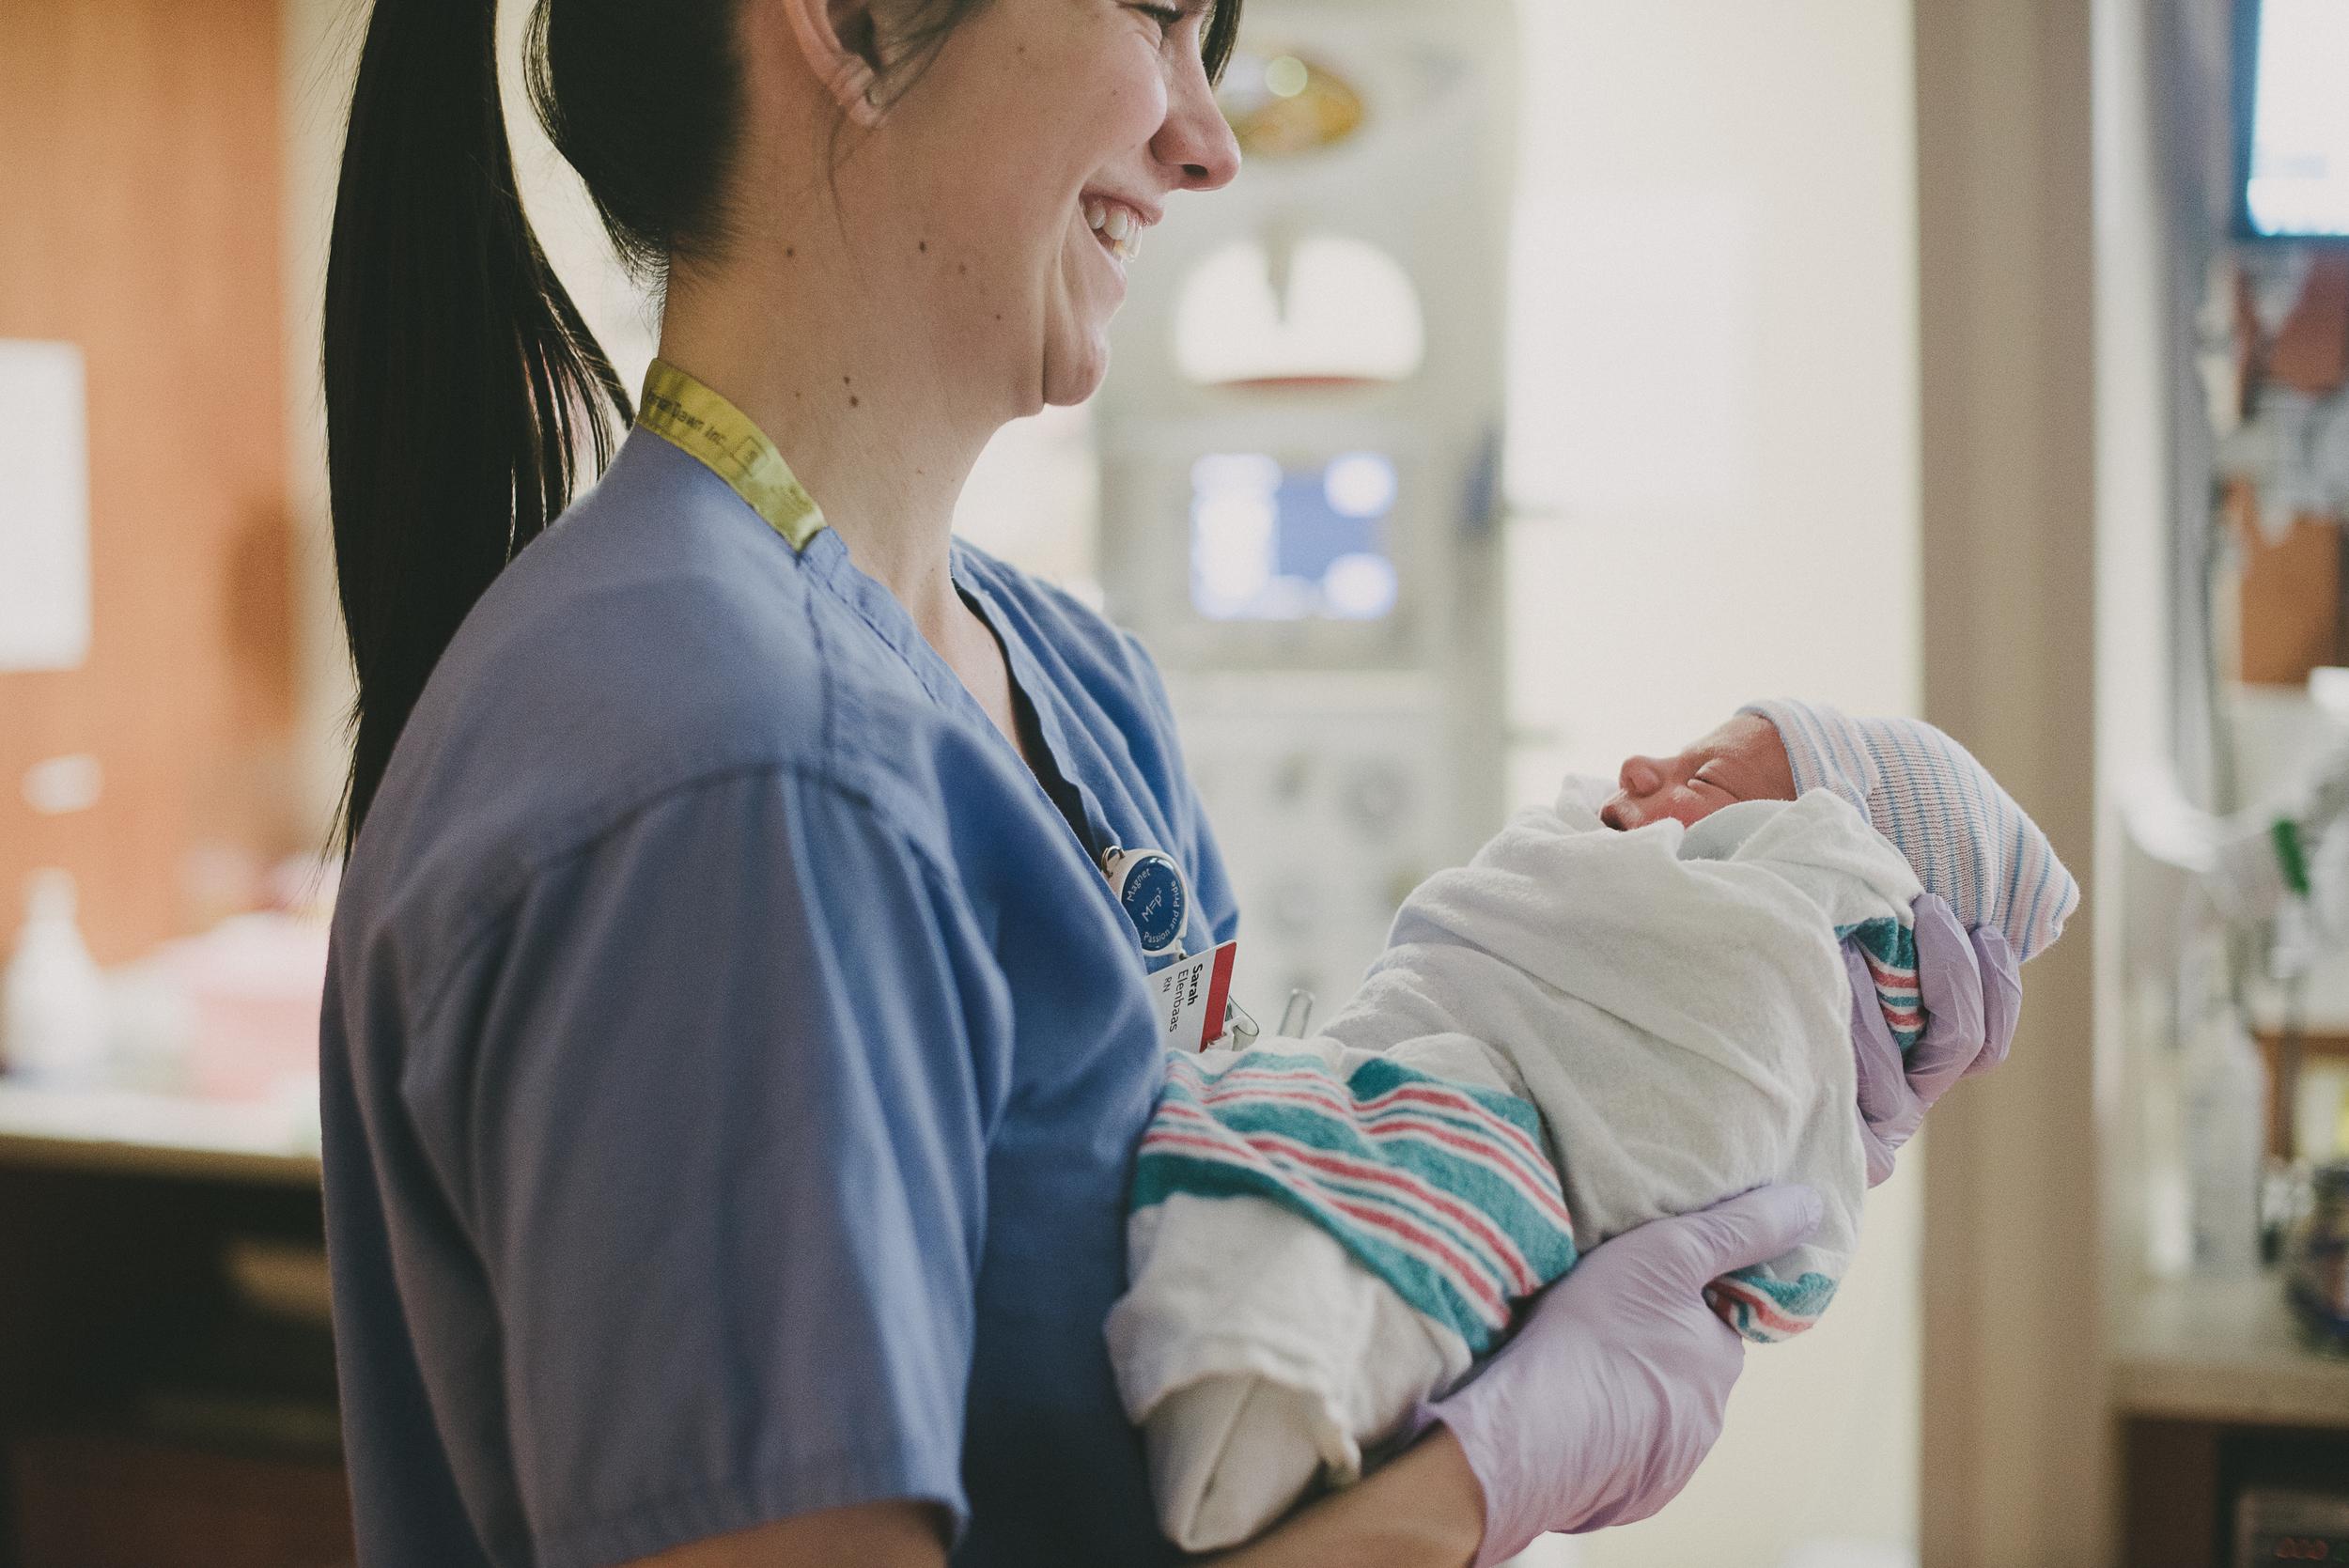 kuchan-birth-4.14.2014-183.jpg